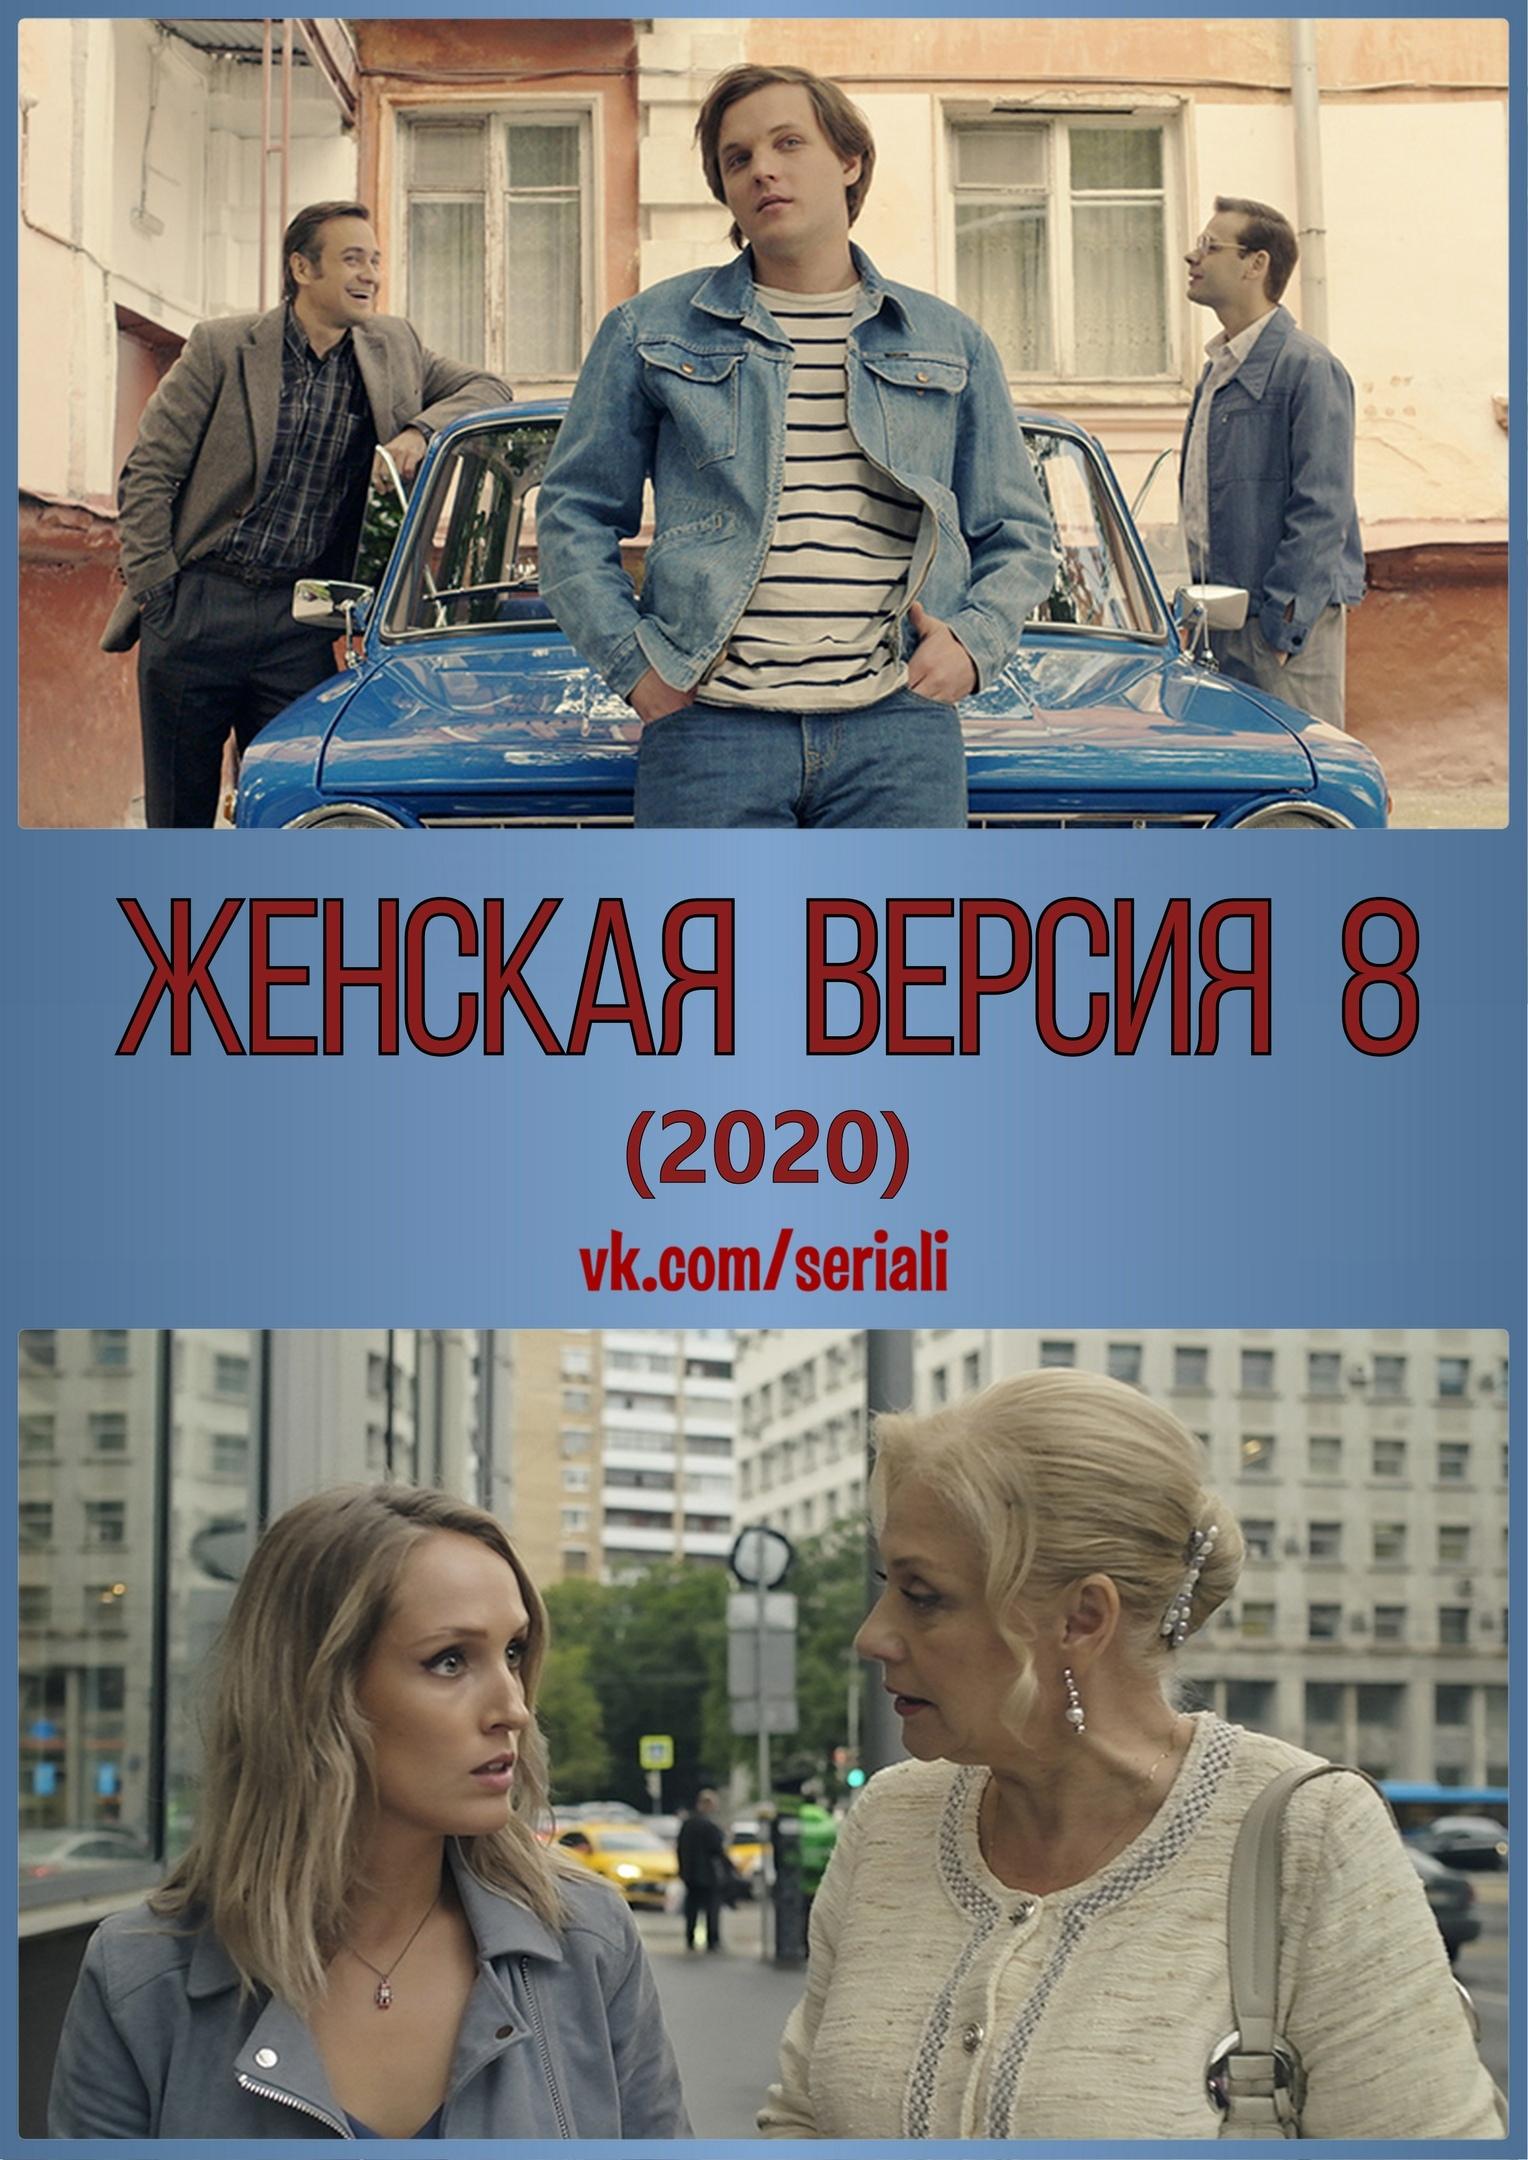 Детектив «Жeнcкaя вepcия 8.